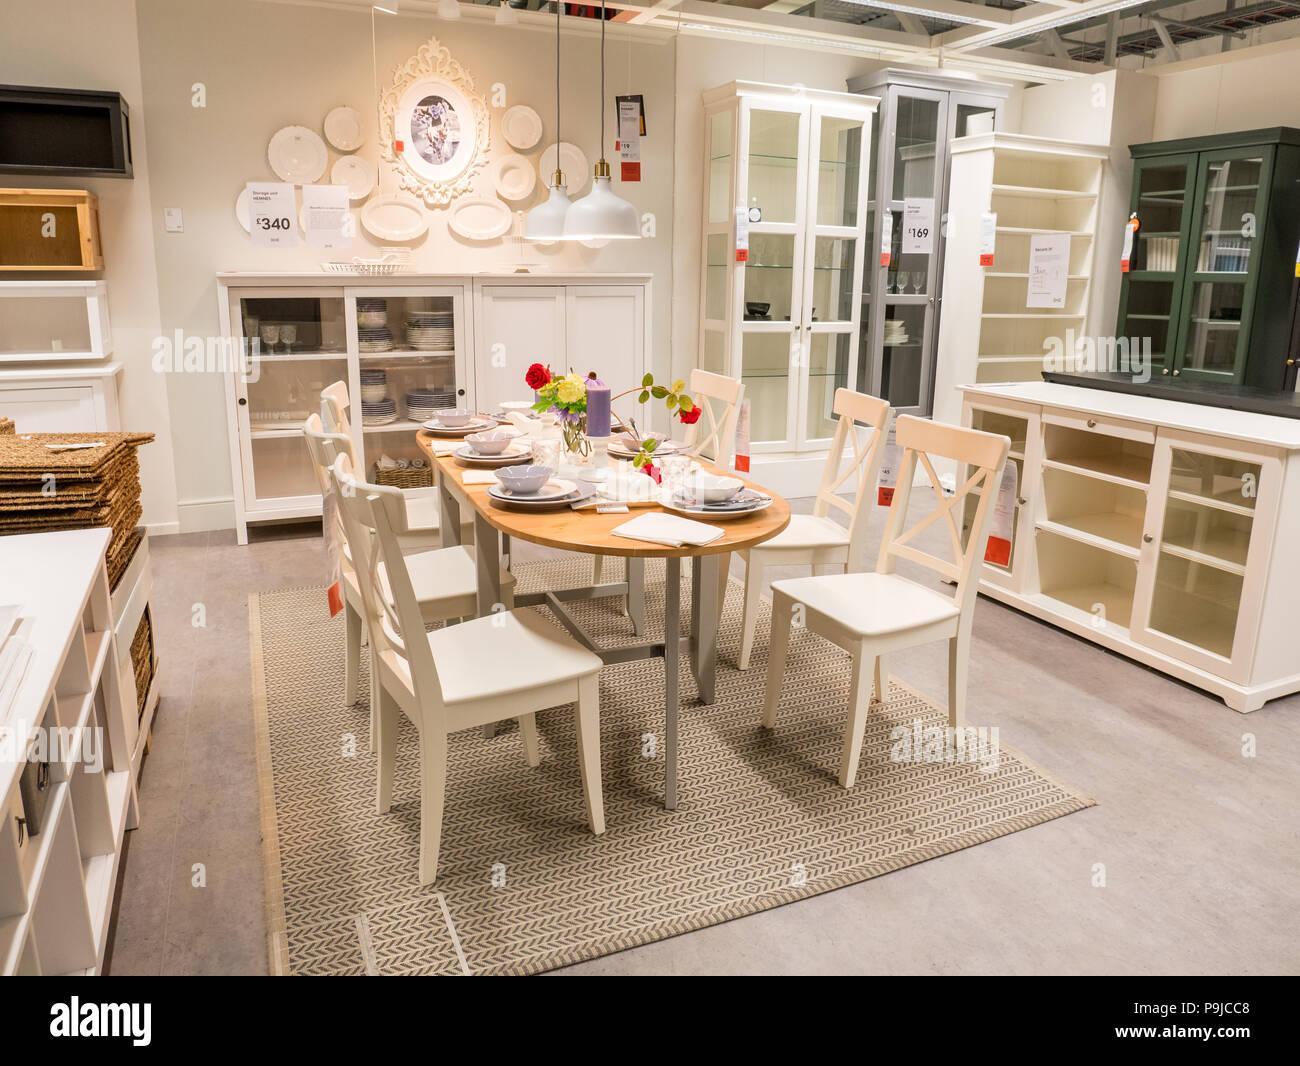 Mobili Sala Da Pranzo Ikea : Sala da pranzo mobili a ikea regno unito foto immagine stock